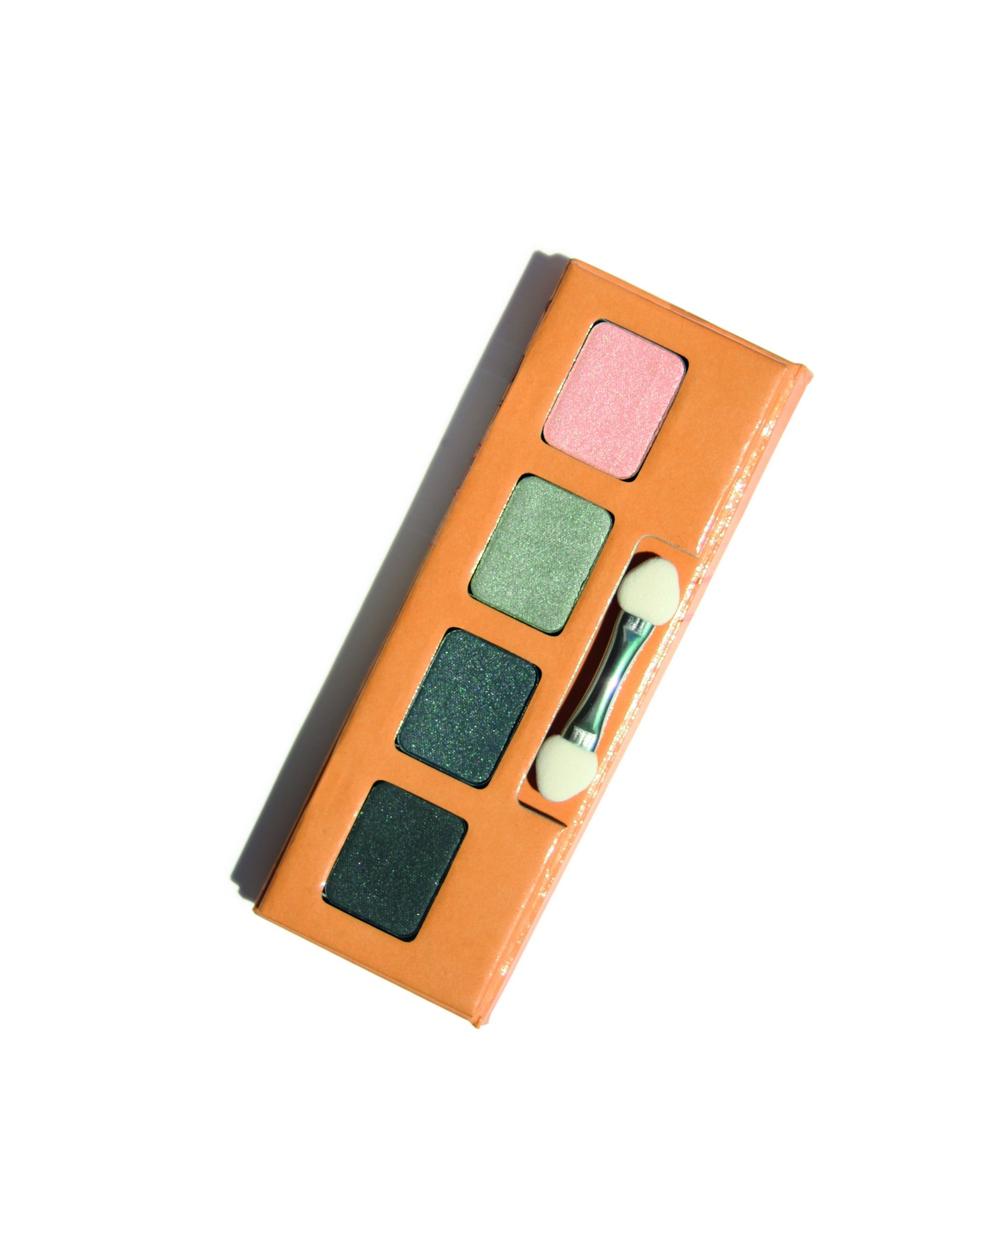 Palette regard sublime couleur caramel 115945 embellissetvous fr